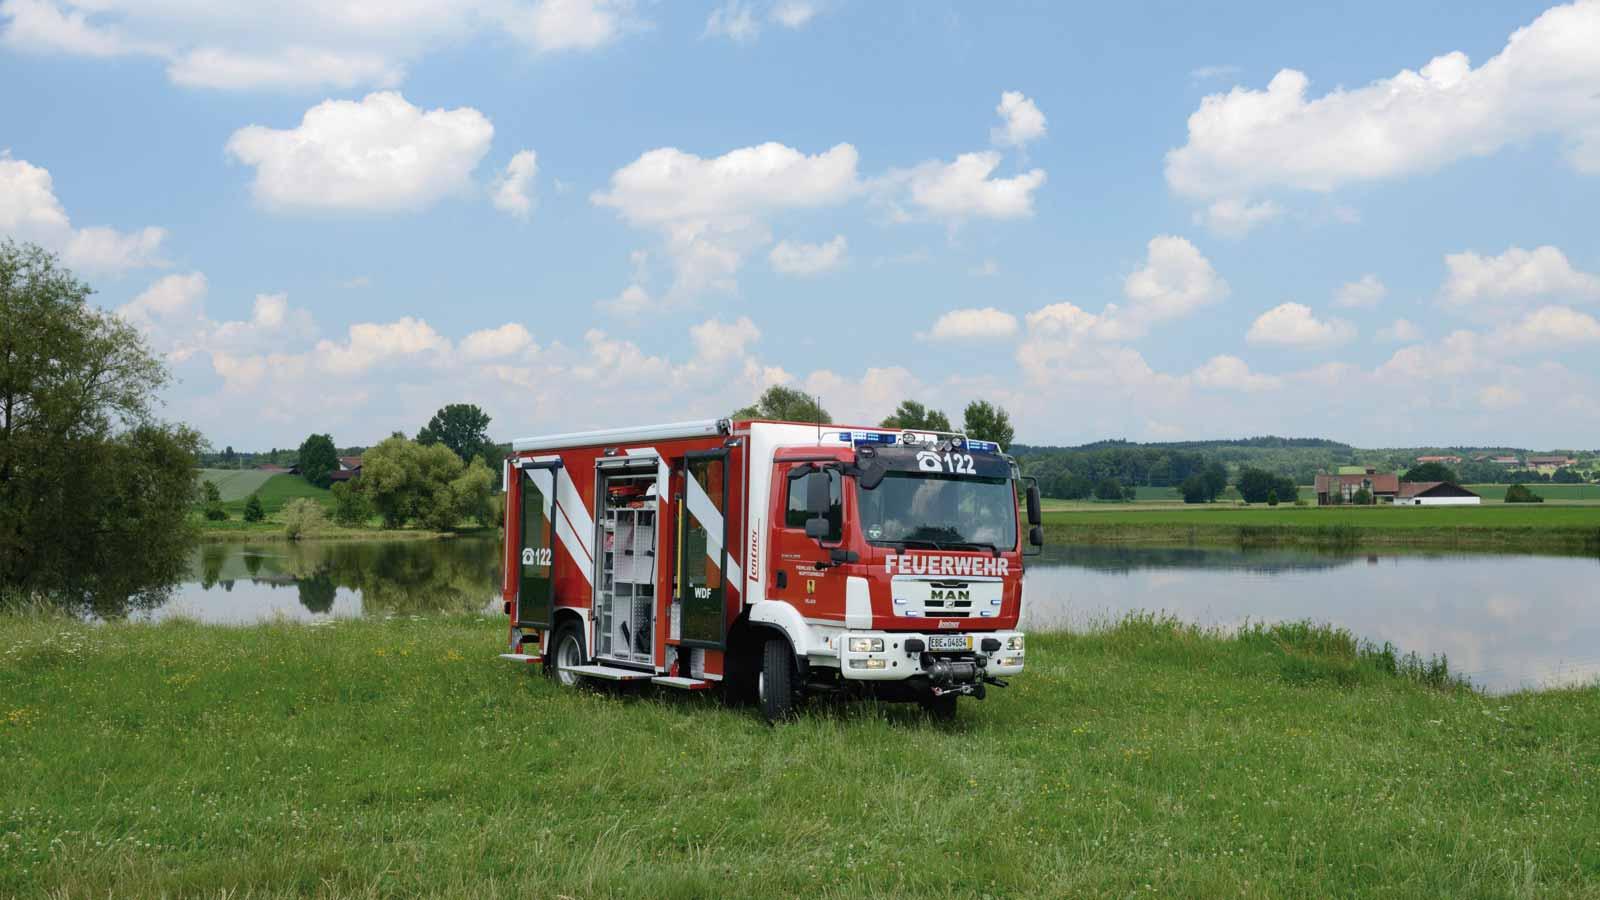 Wasserdienstfahrzeug-der-Feuerwehr-Villach.jpg